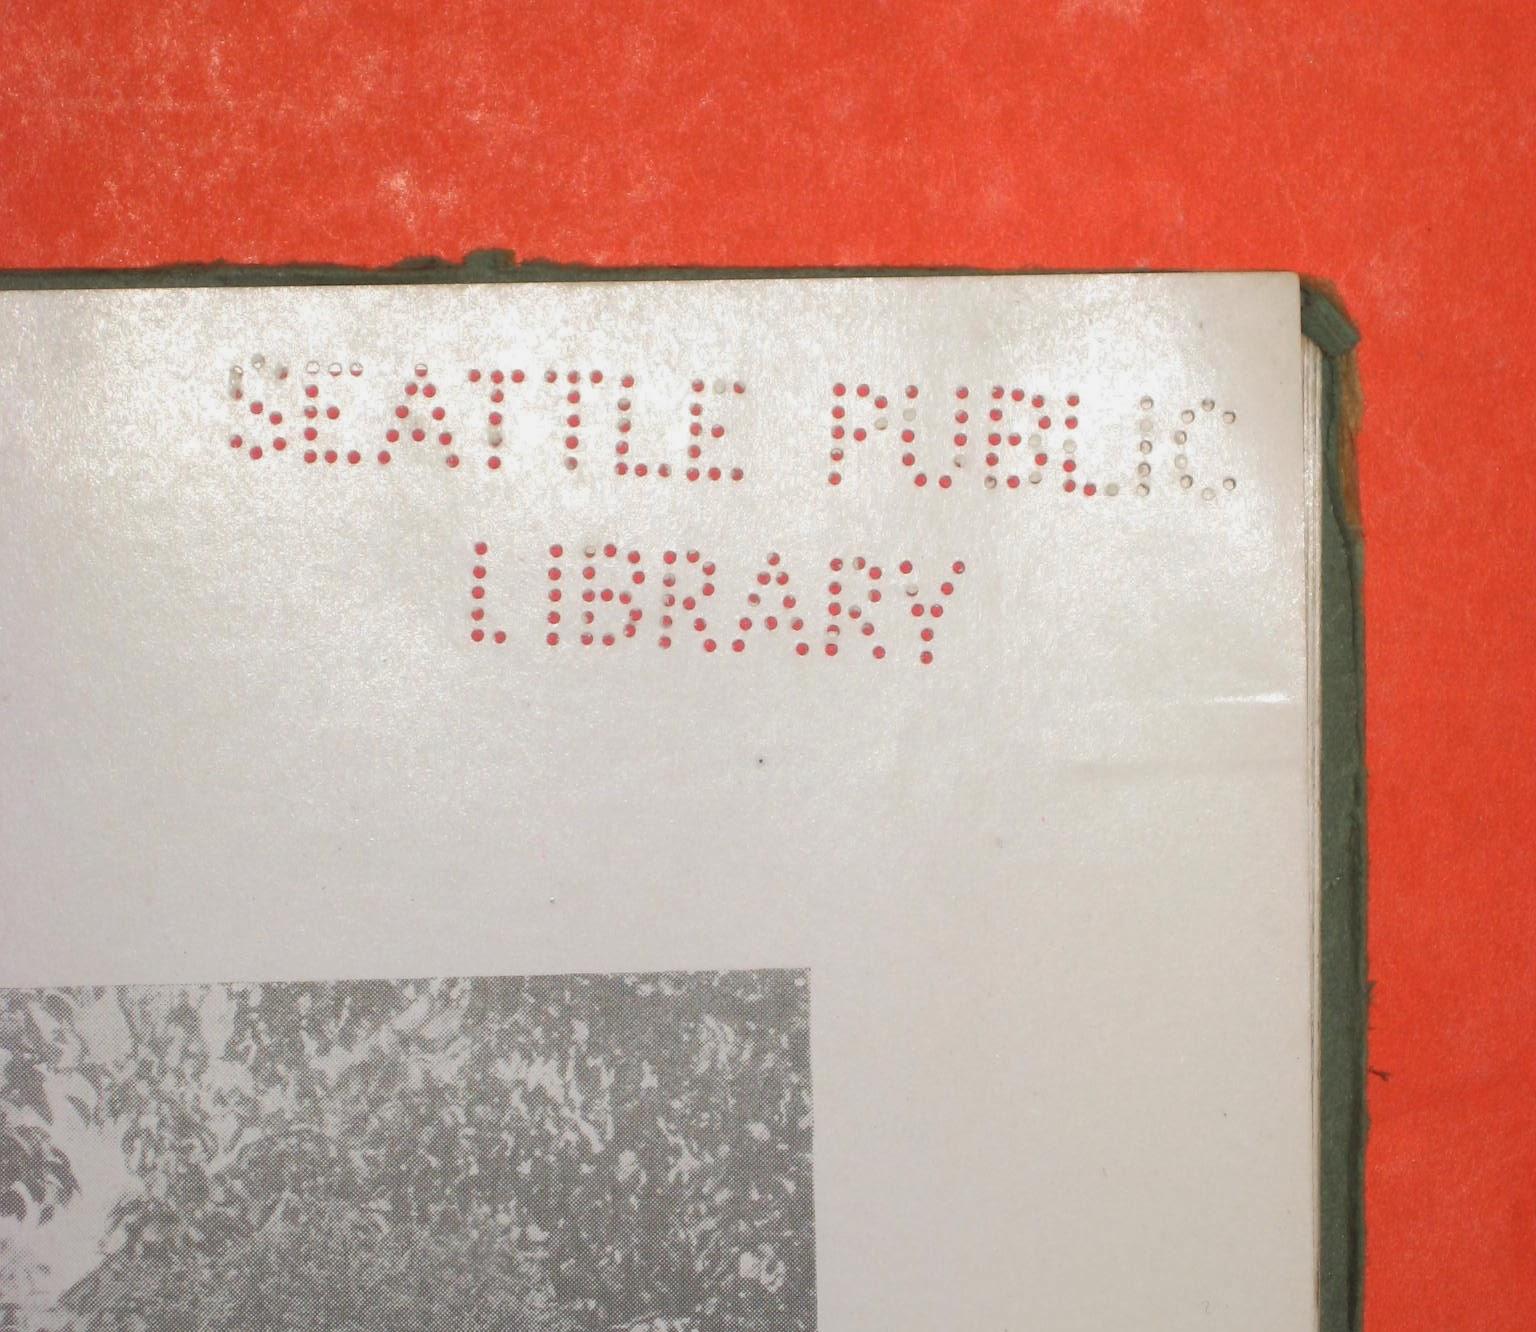 Pistil Blog: Library Bindings